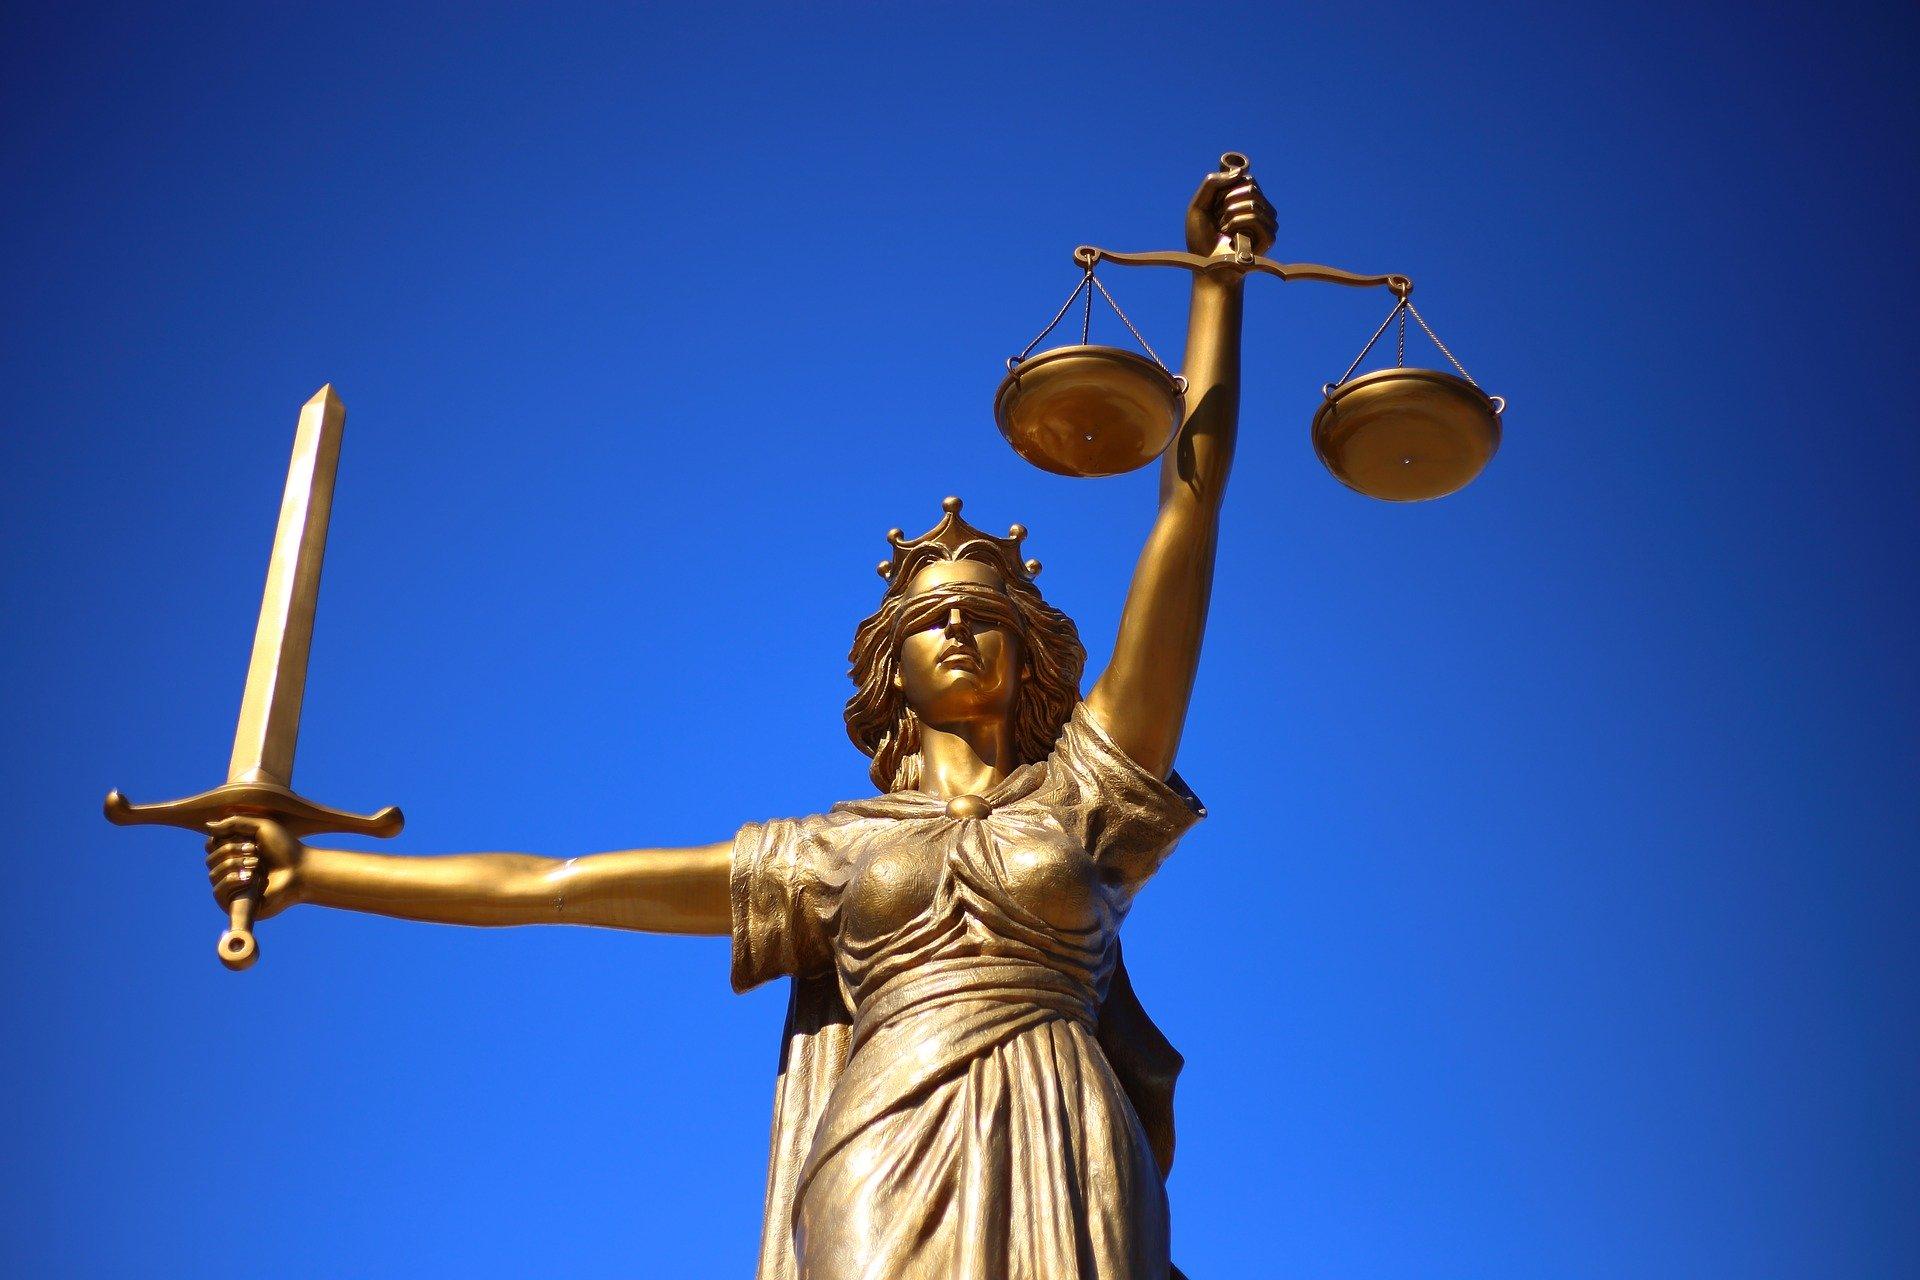 El Juzgado de lo Penal número 1 de La Coruña: «En materia de limitación de derechos, más cuando se trata de derechos fundamentales, hay que considerar que lo que no está expresamente prohibido, está permitido»